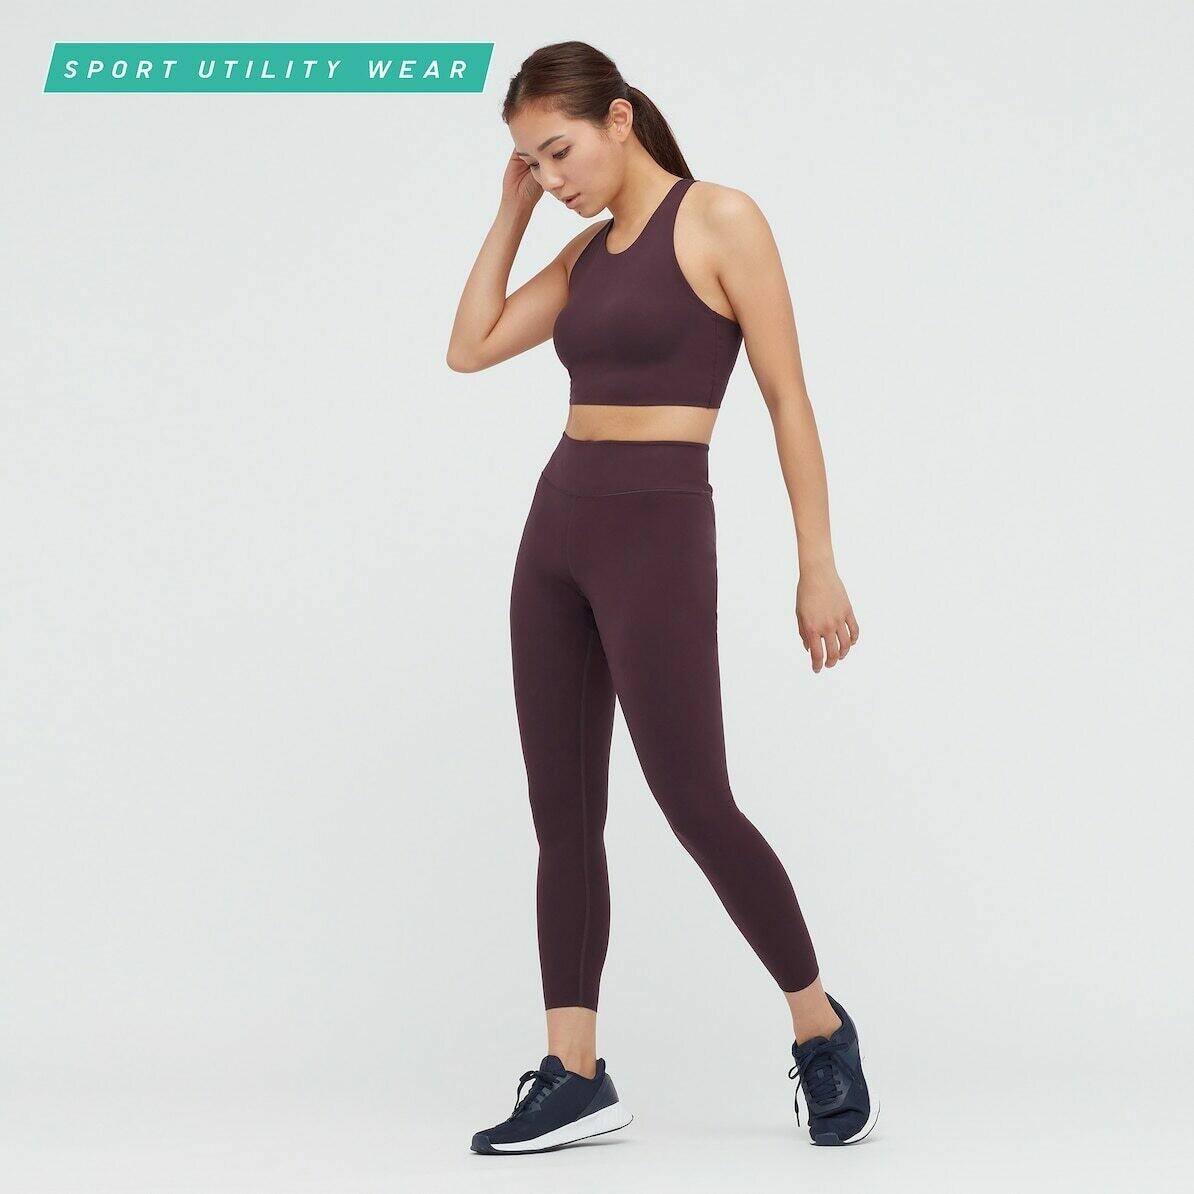 WOMEN AIRISM UV PROTECTION ACTIVE SOFT LEGGINGS (comprimento padrão 58,5 a 60,5 cm) - 19 WINE